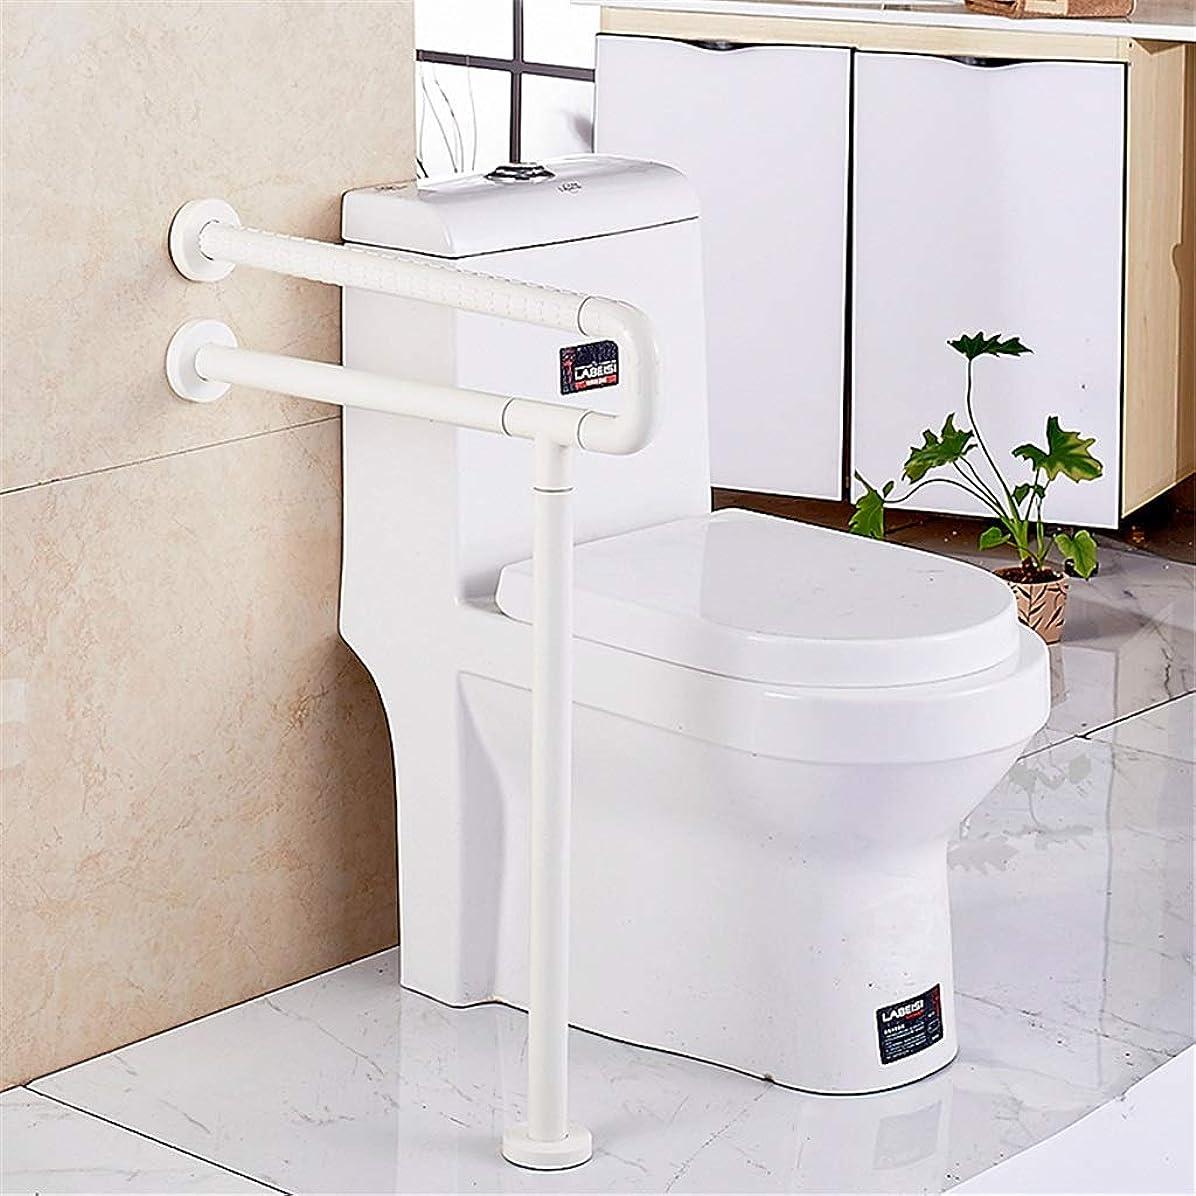 三角くそーインシュレータステンレス鋼手すり洗面台浴室グラブバー安全手すりトイレアクセシブルハンドル高齢者障害者妊娠中